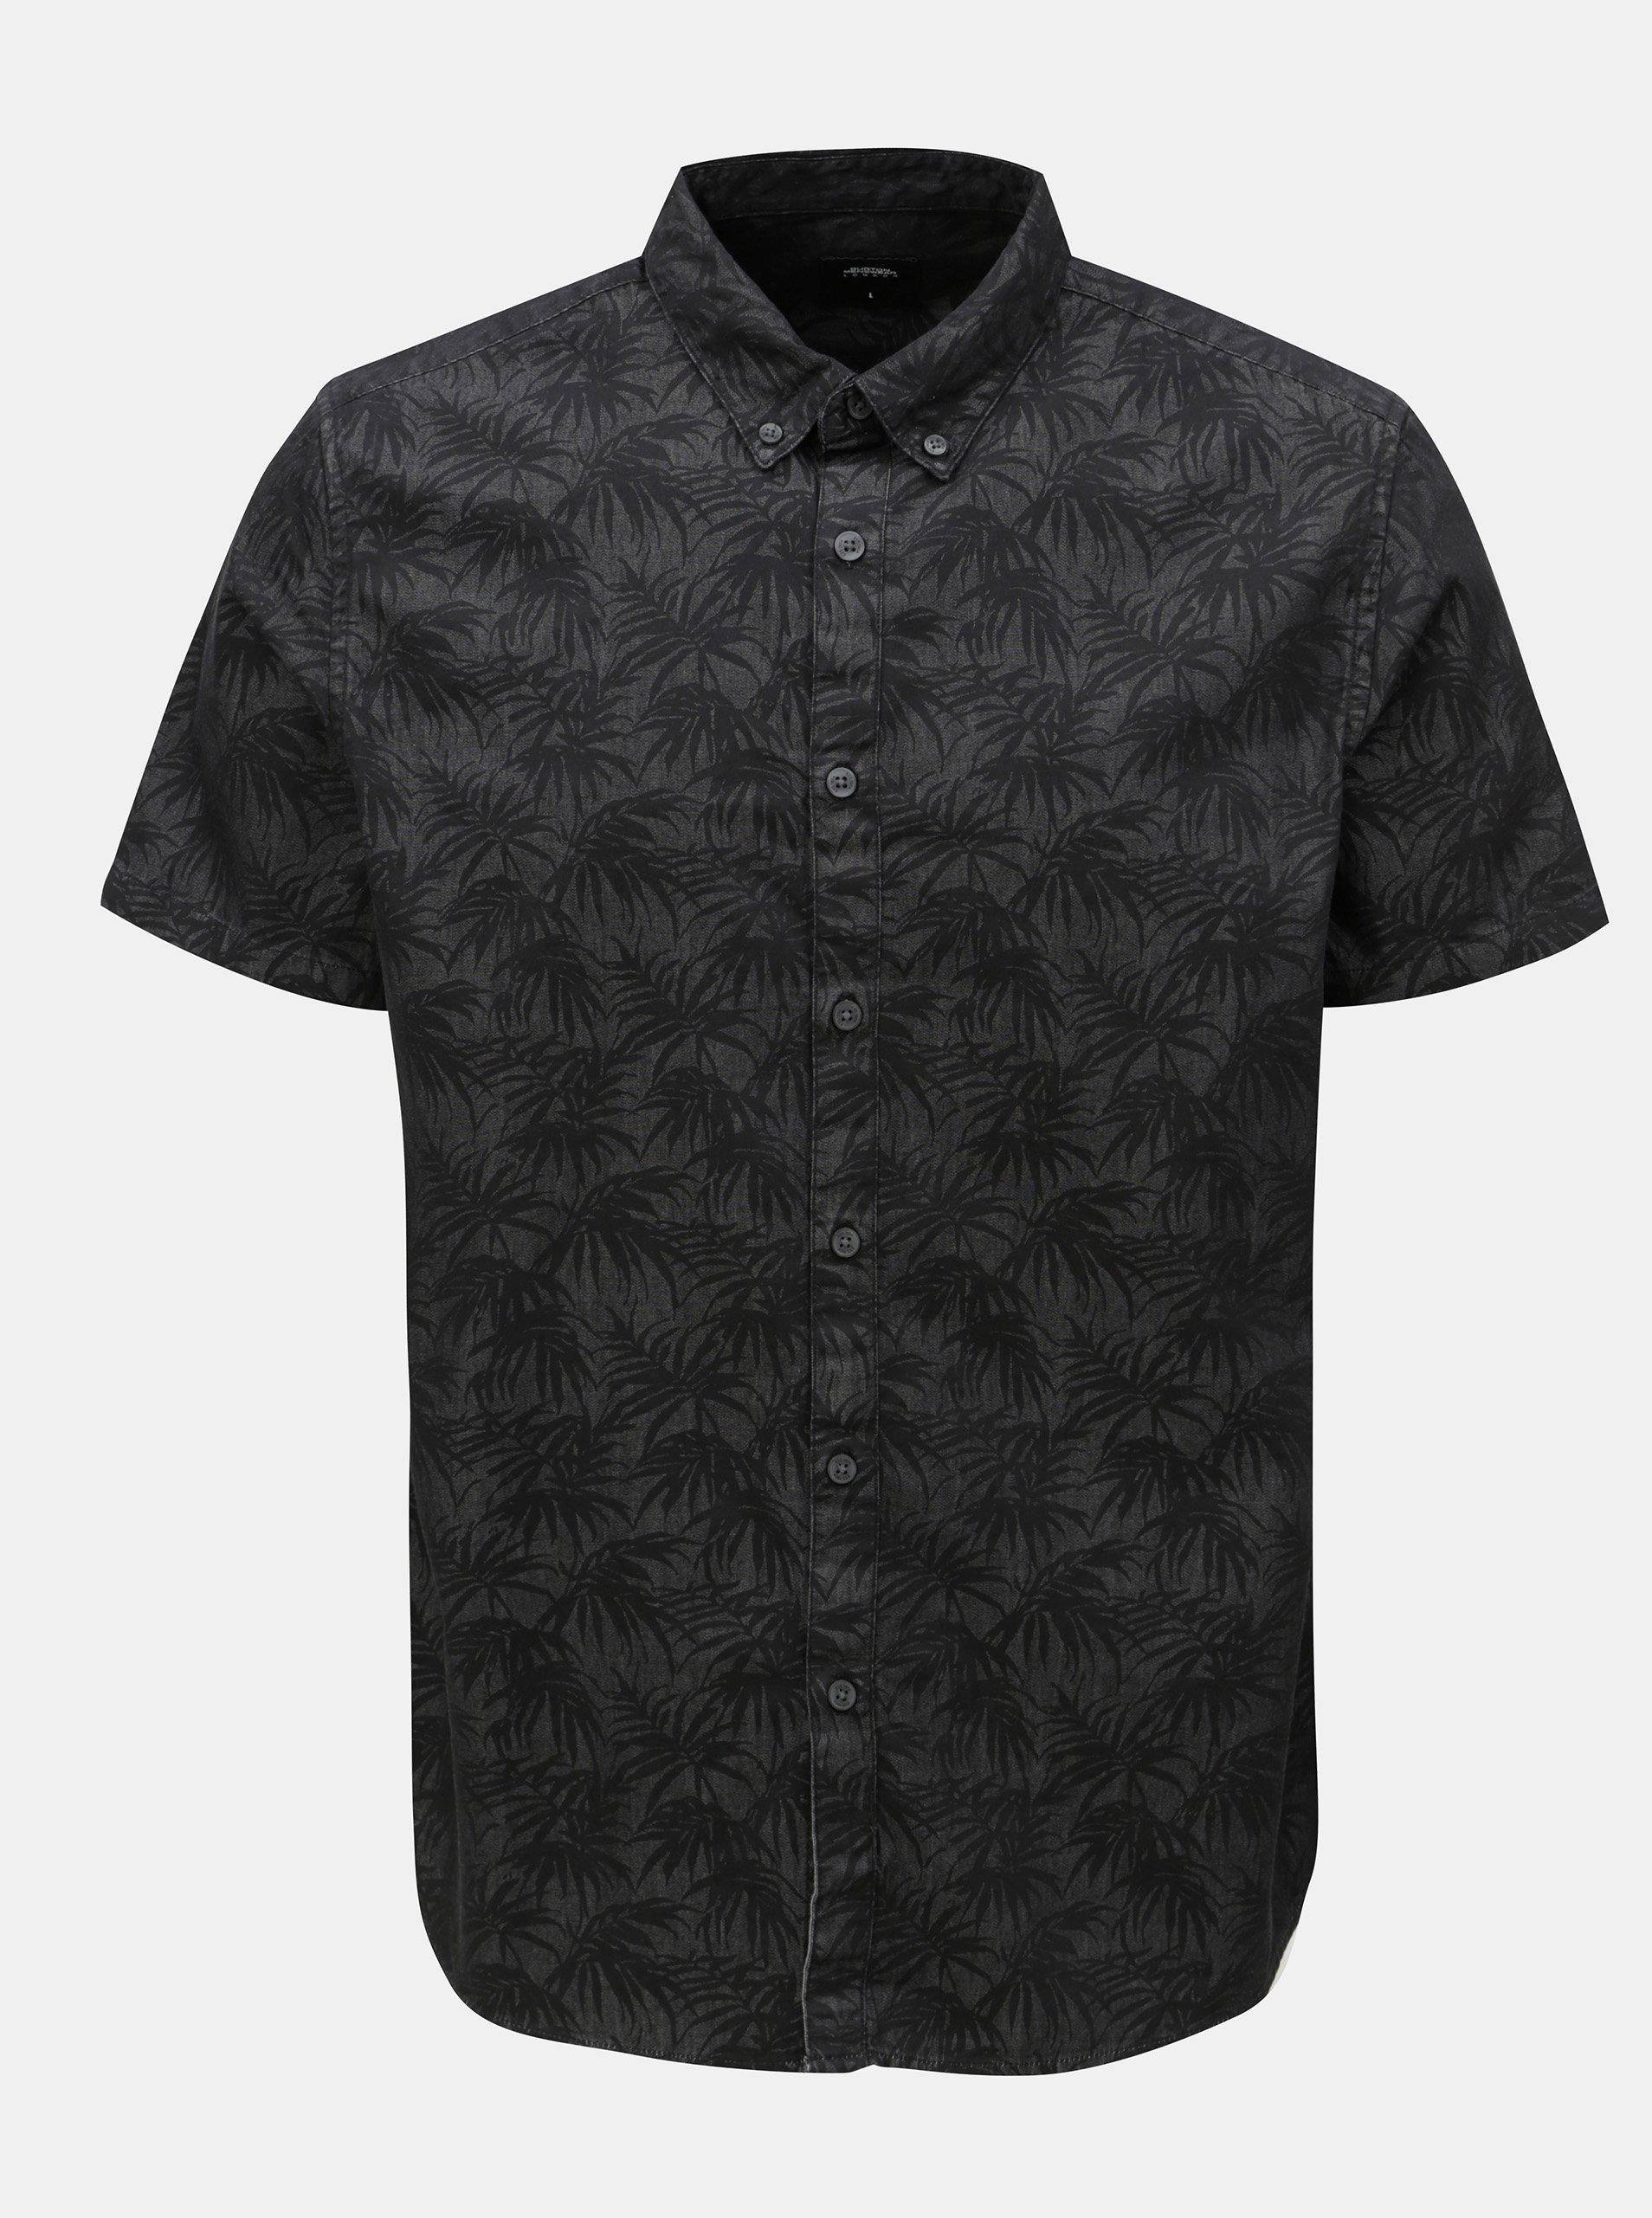 Tmavě šedá košile s motivem listů Burton Menswear London 79b7fe5e12